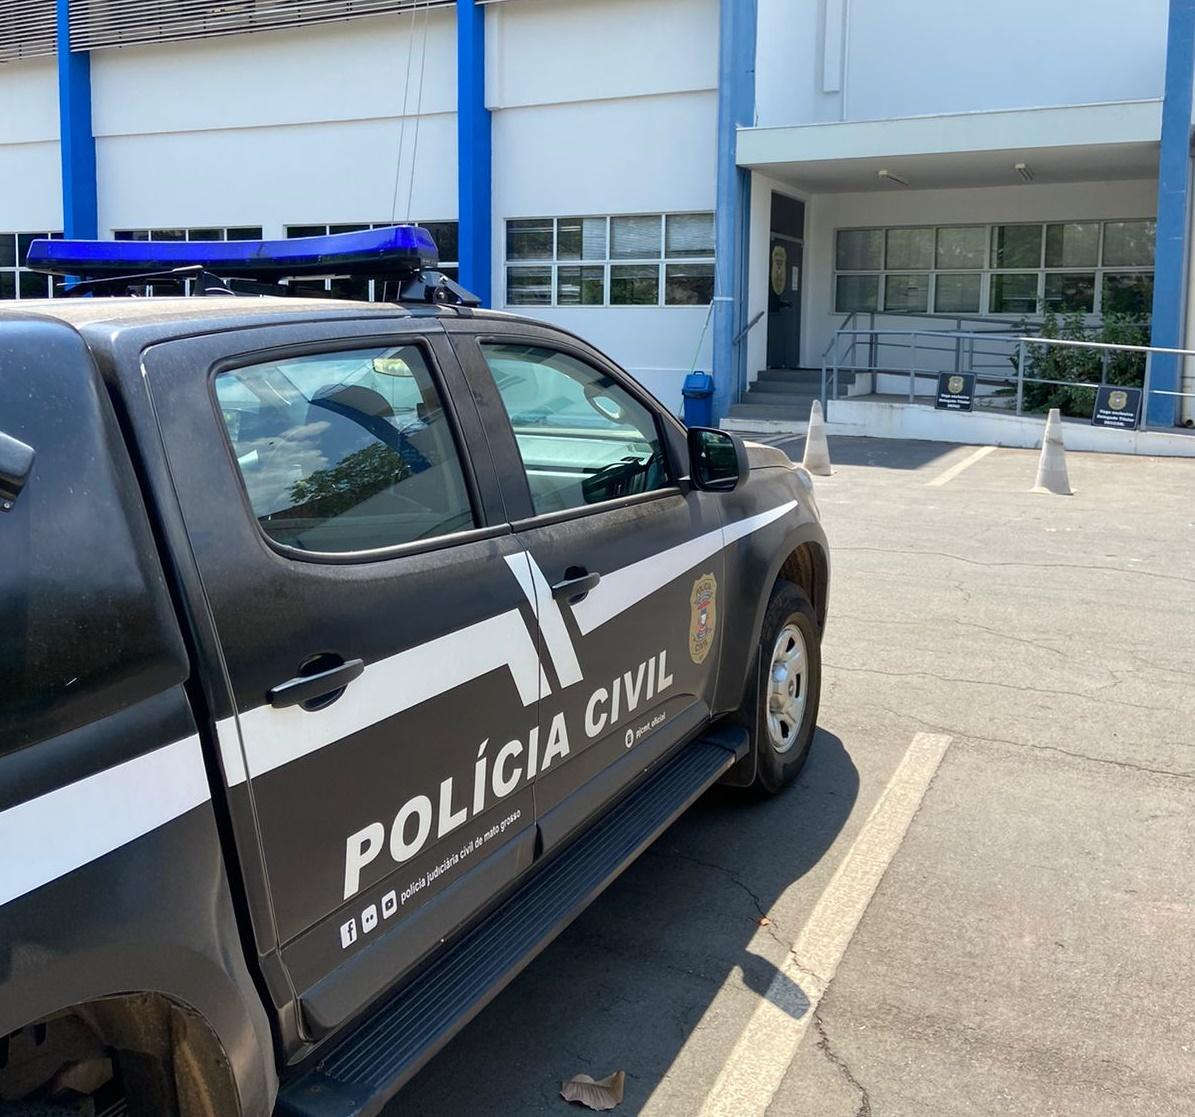 Polícia Civil cumpre sequestro de R$ 33 milhões em bens de empresas investigadas por peculato e lavagem de dinheiro